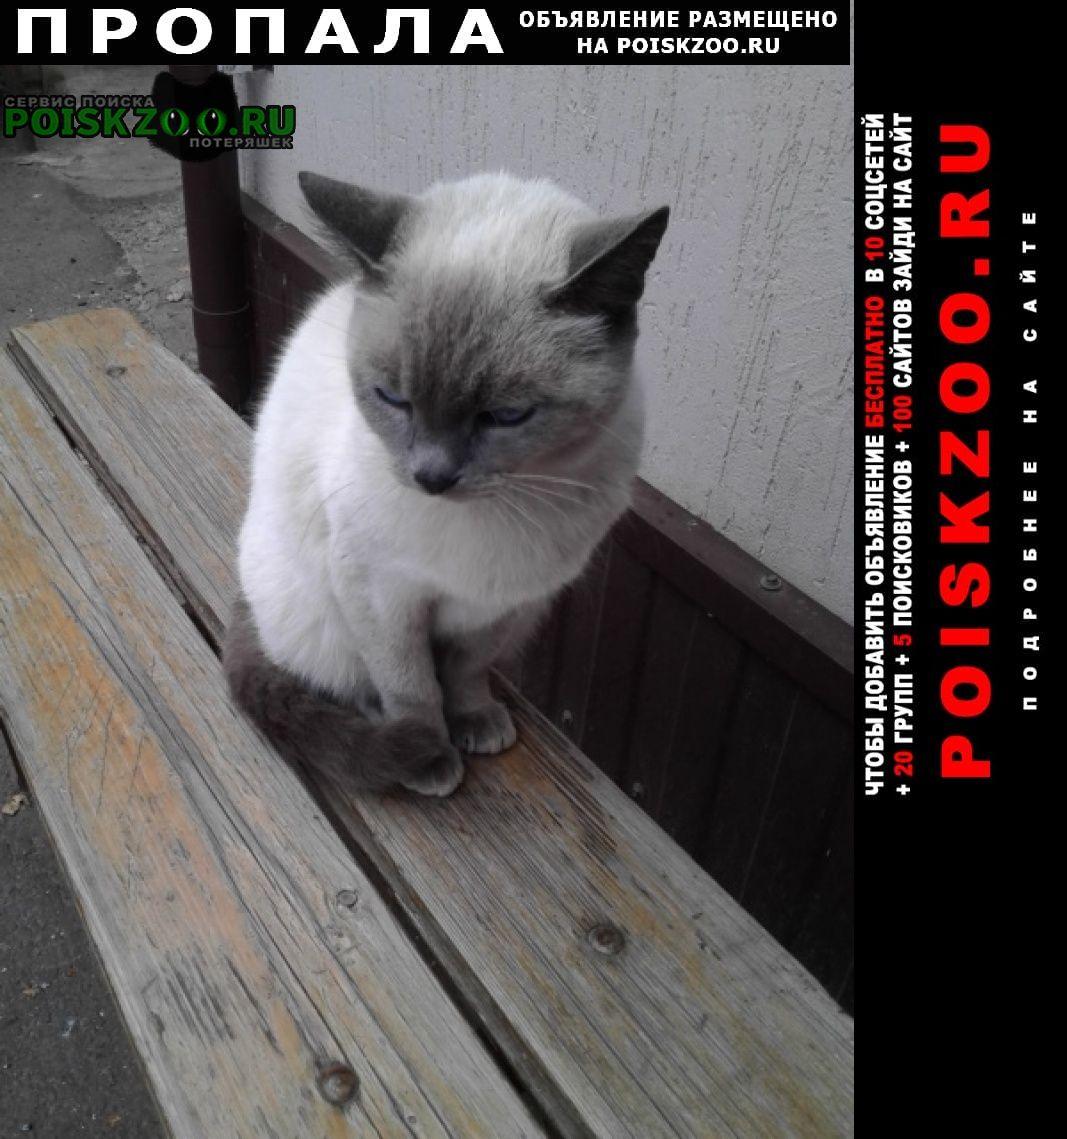 Пропала кошка сиамская, голубые глаза немного косят Железногорск Курская обл.